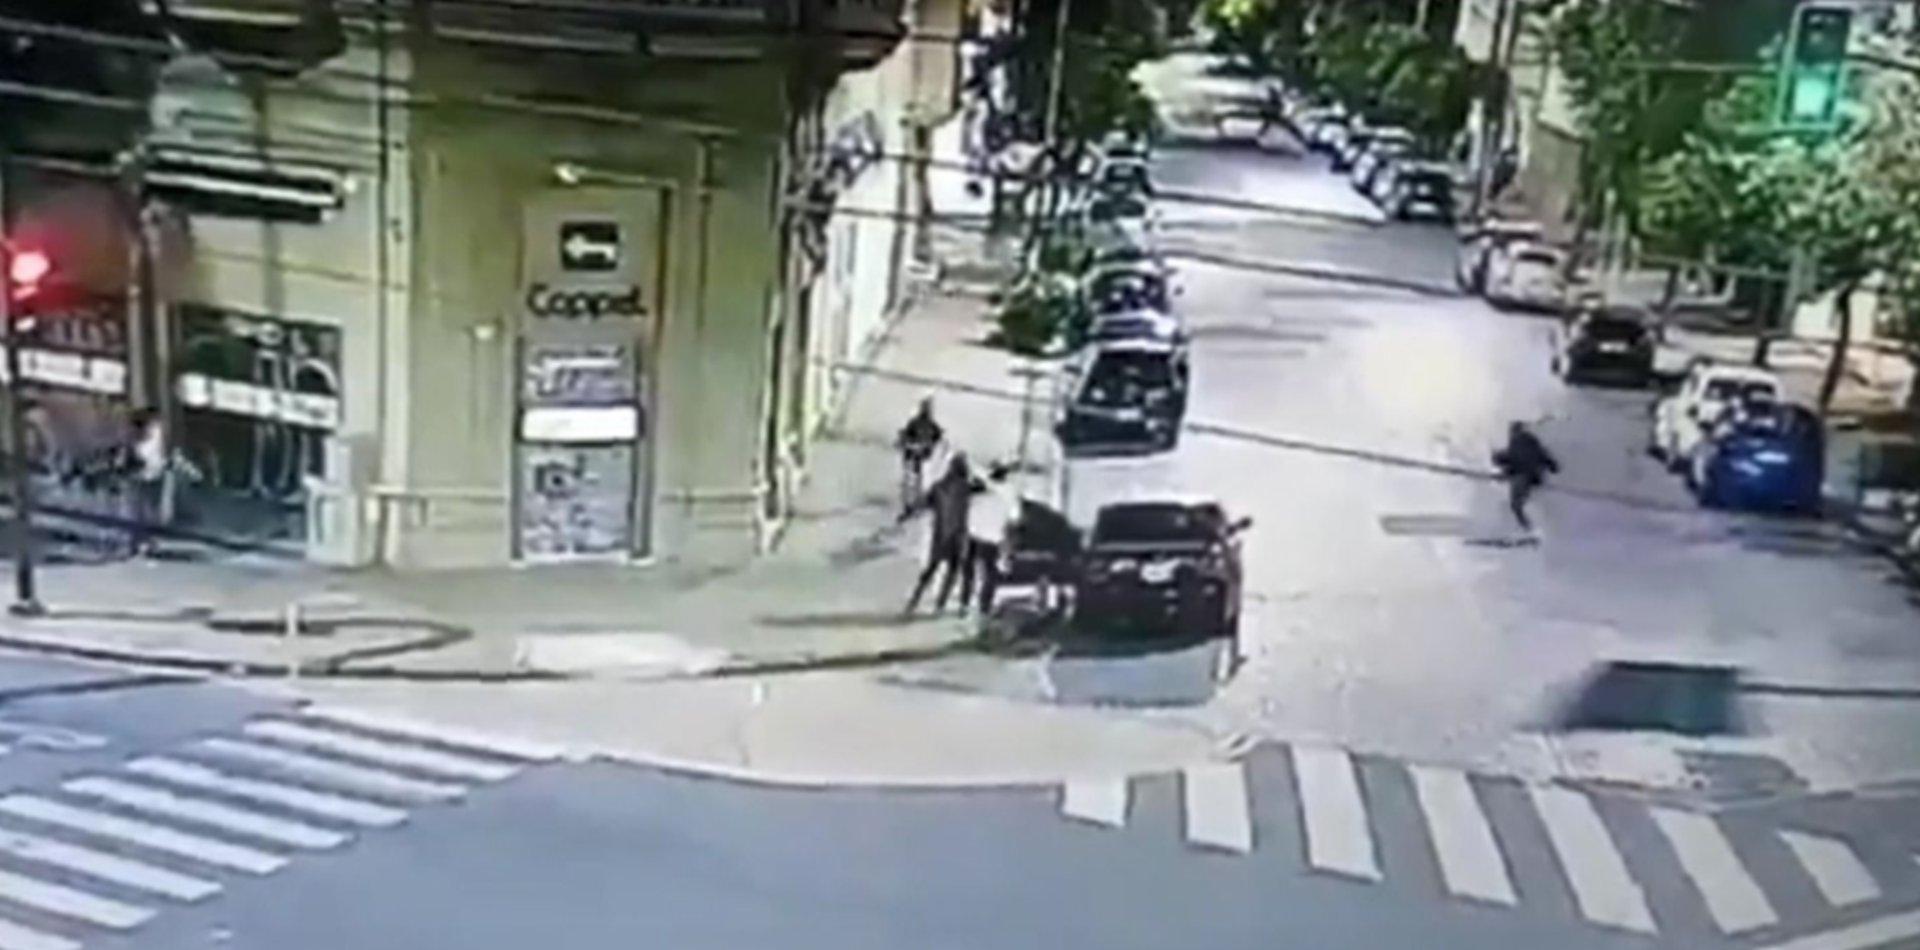 VIDEO: Hicieron un increíble raid delictivo en La Plata con un arma de juguete